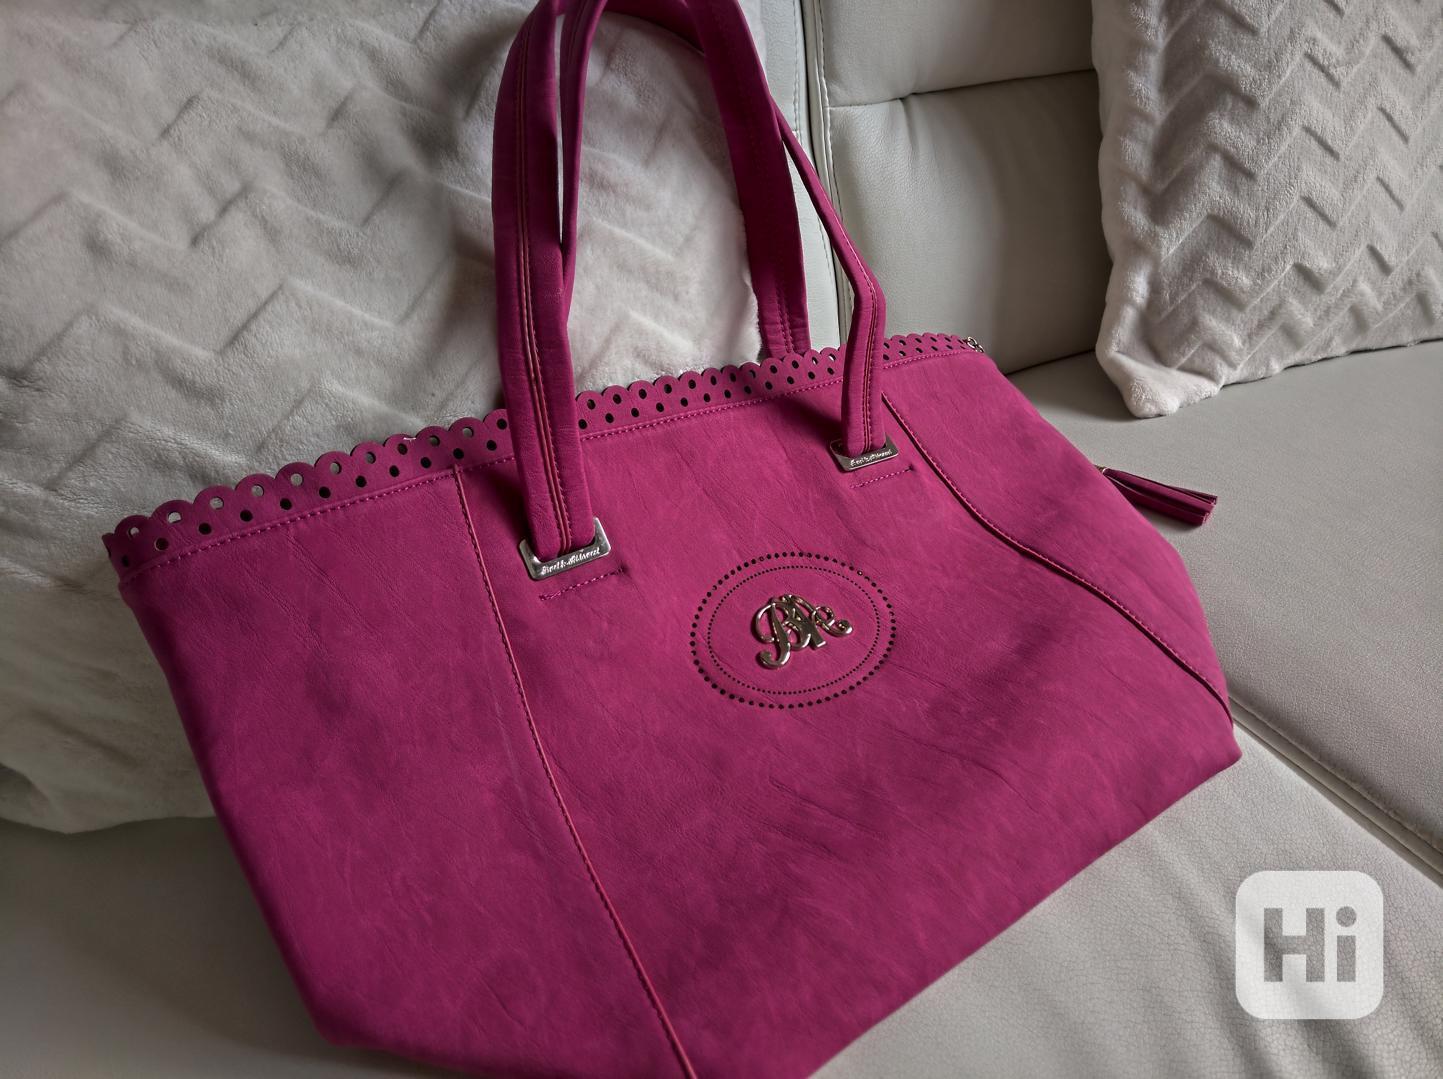 Atraktivní dámská kabelka Bacci Abbracci - foto 1